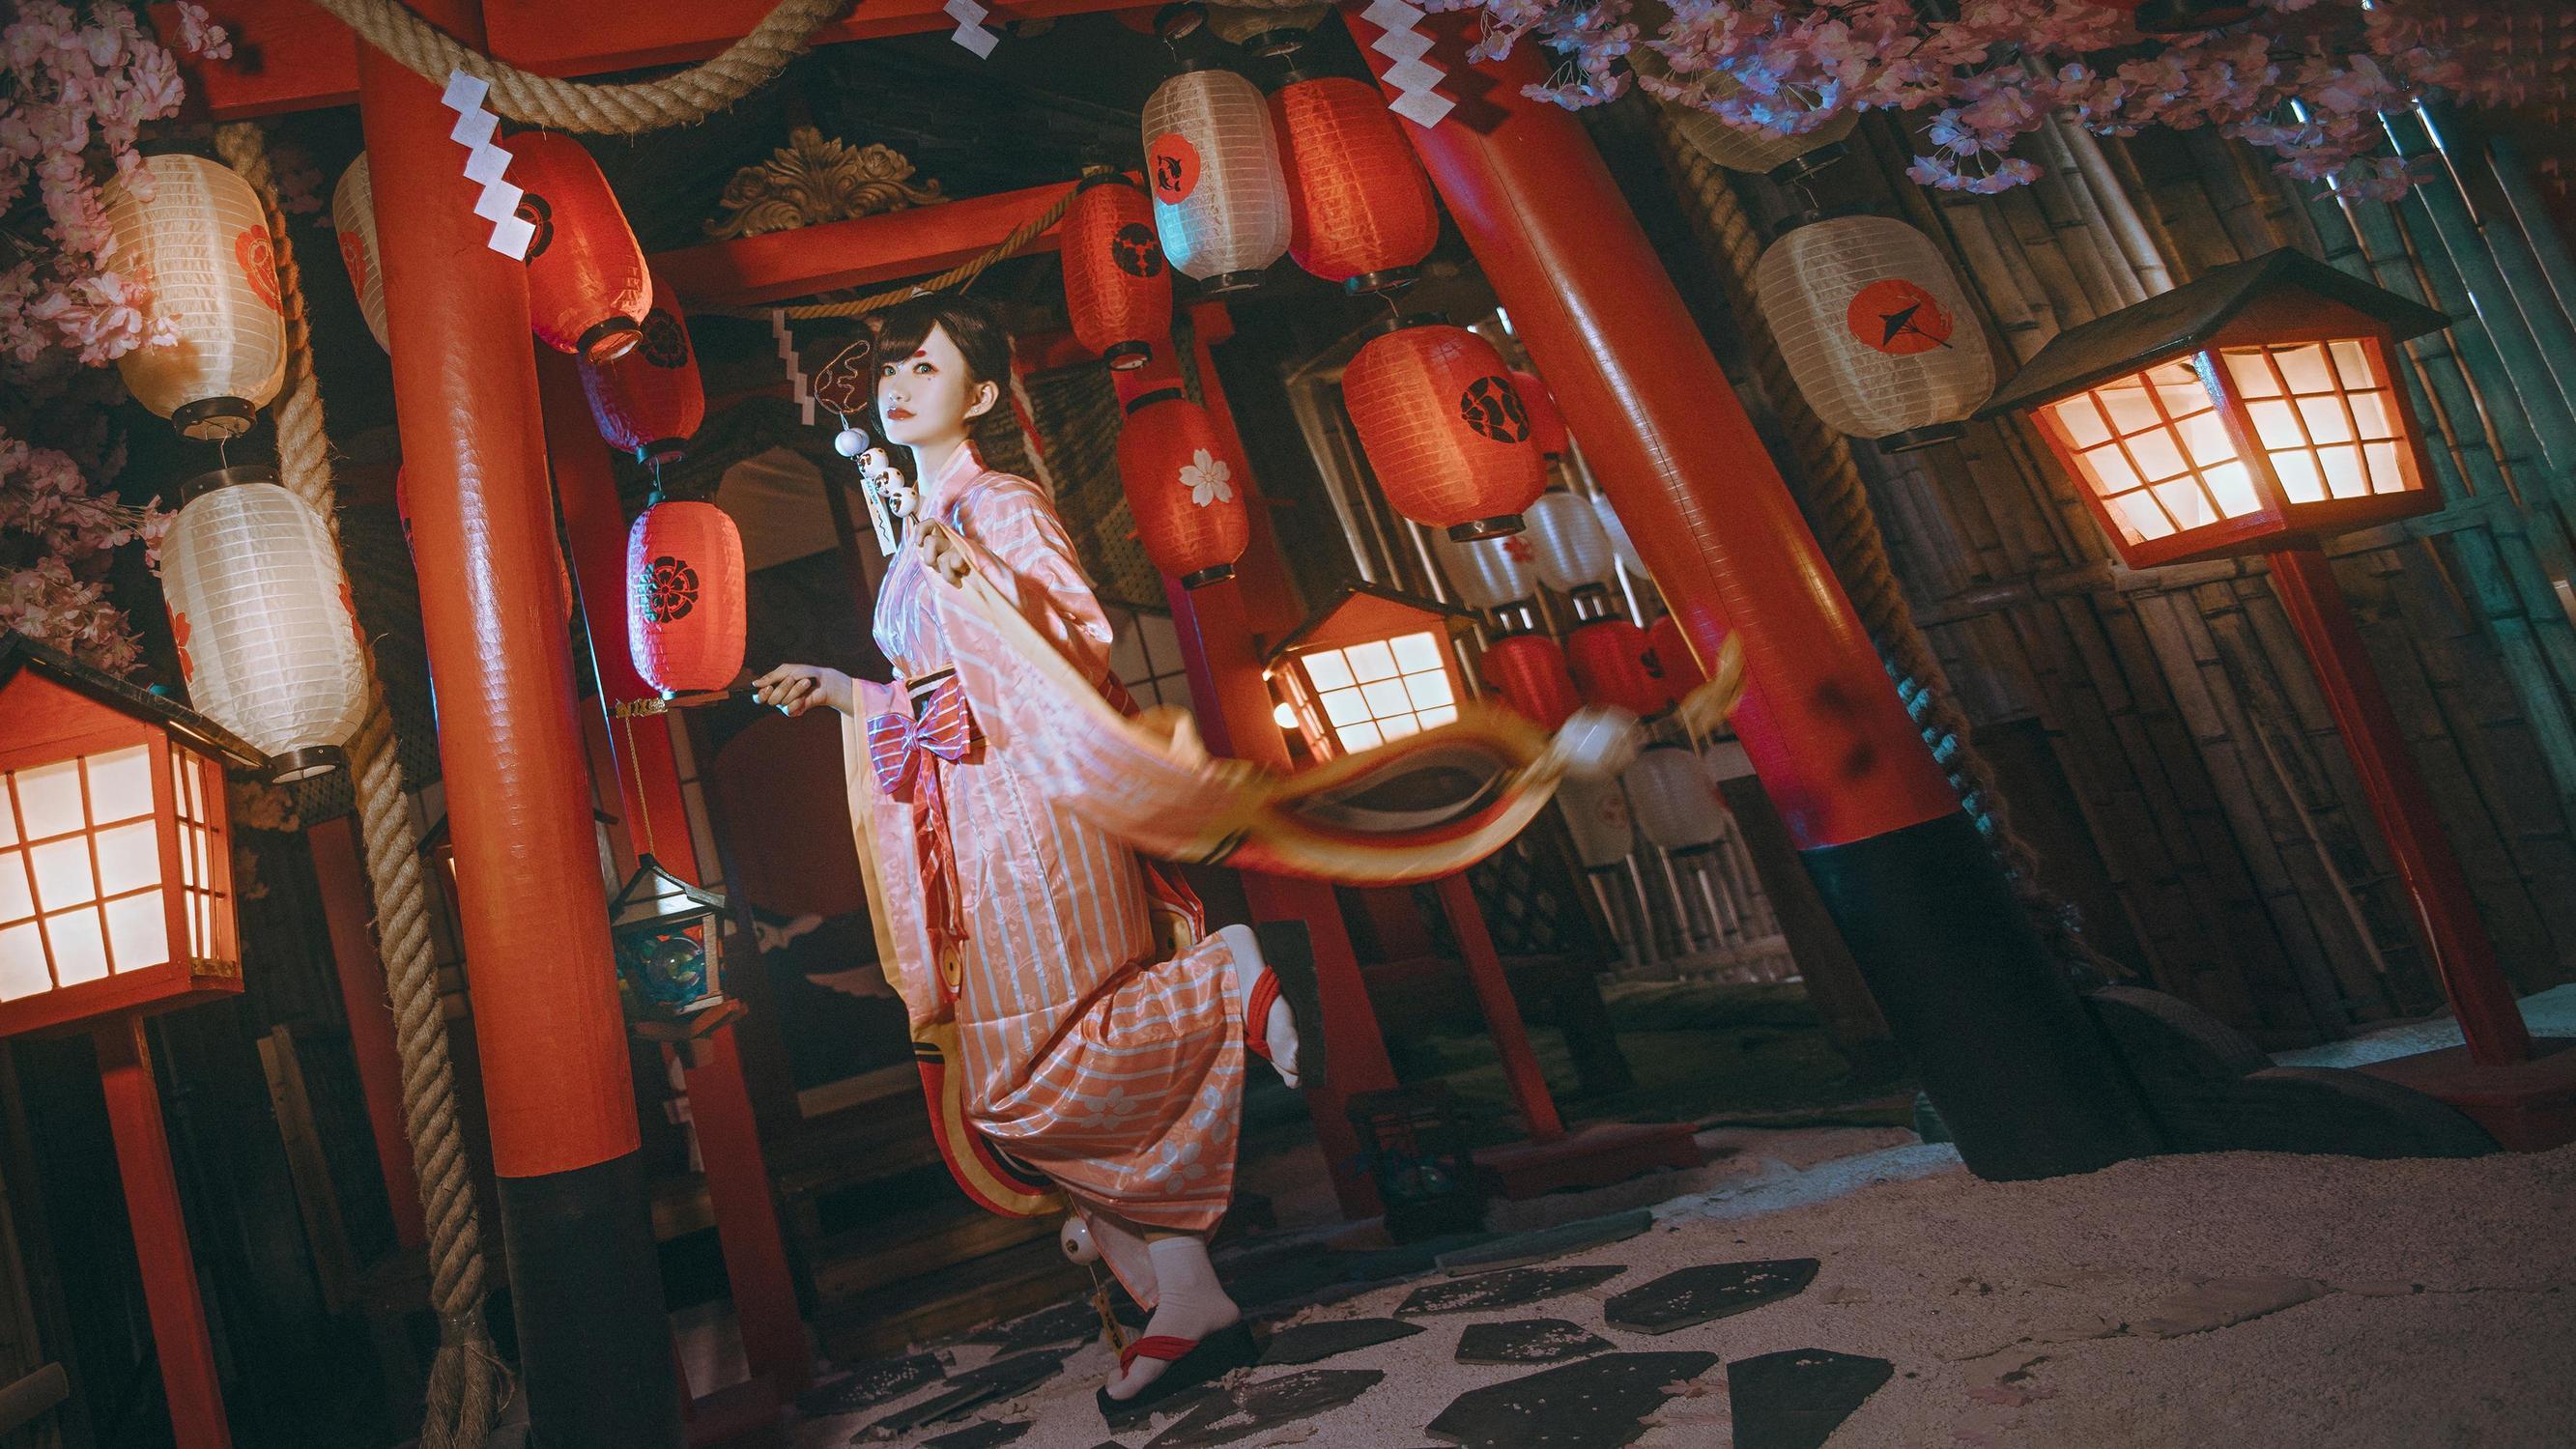 《阴阳师手游》网易阴阳师cosplay【CN:卿绾歌】-第5张